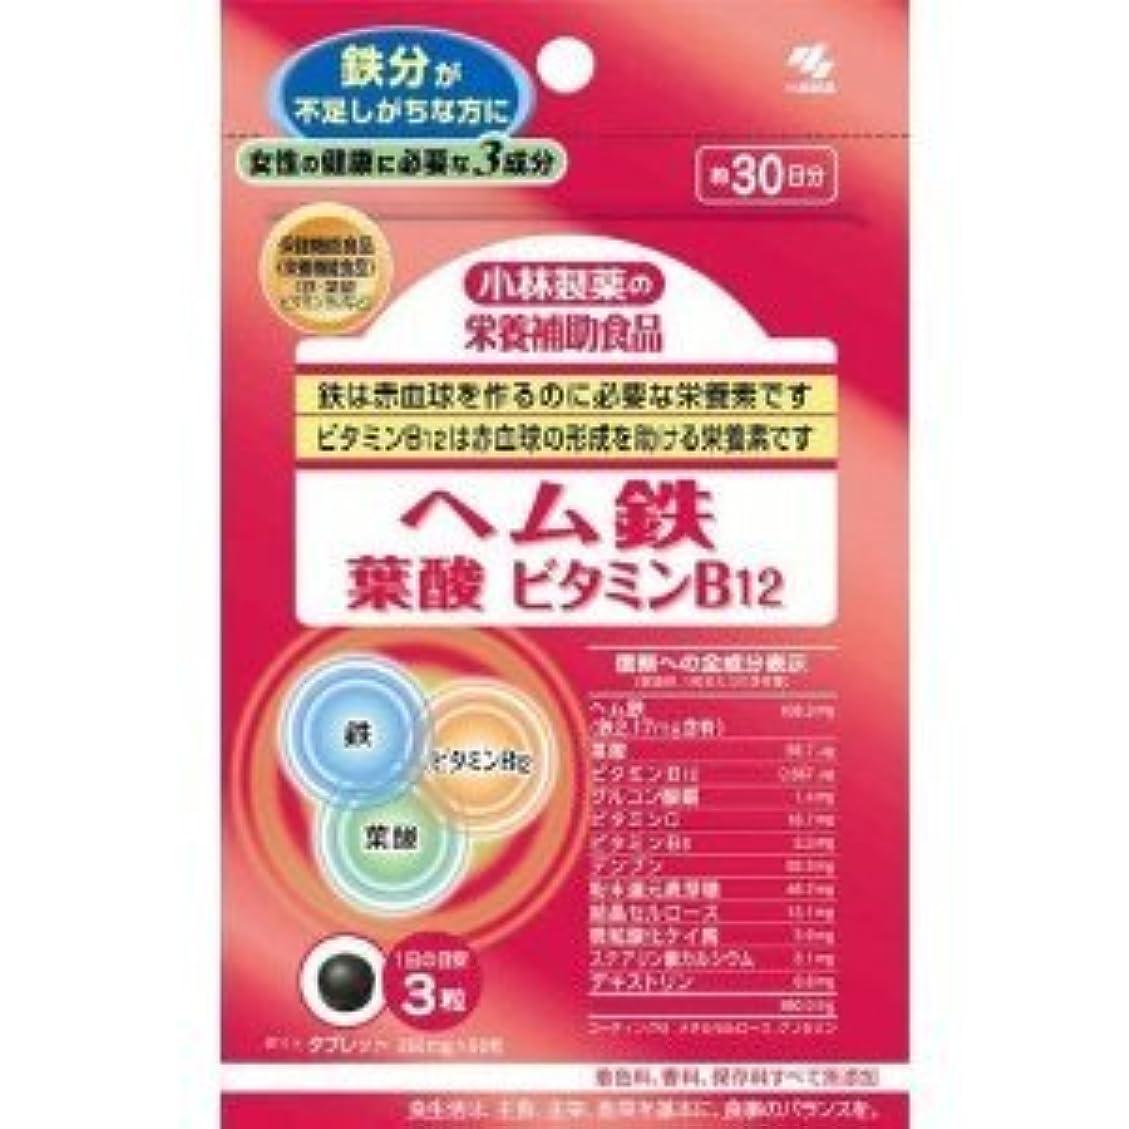 促す食事フィッティング小林製薬の栄養補助食品ヘム鉄葉酸ビタミンB12(90粒)×4個セット